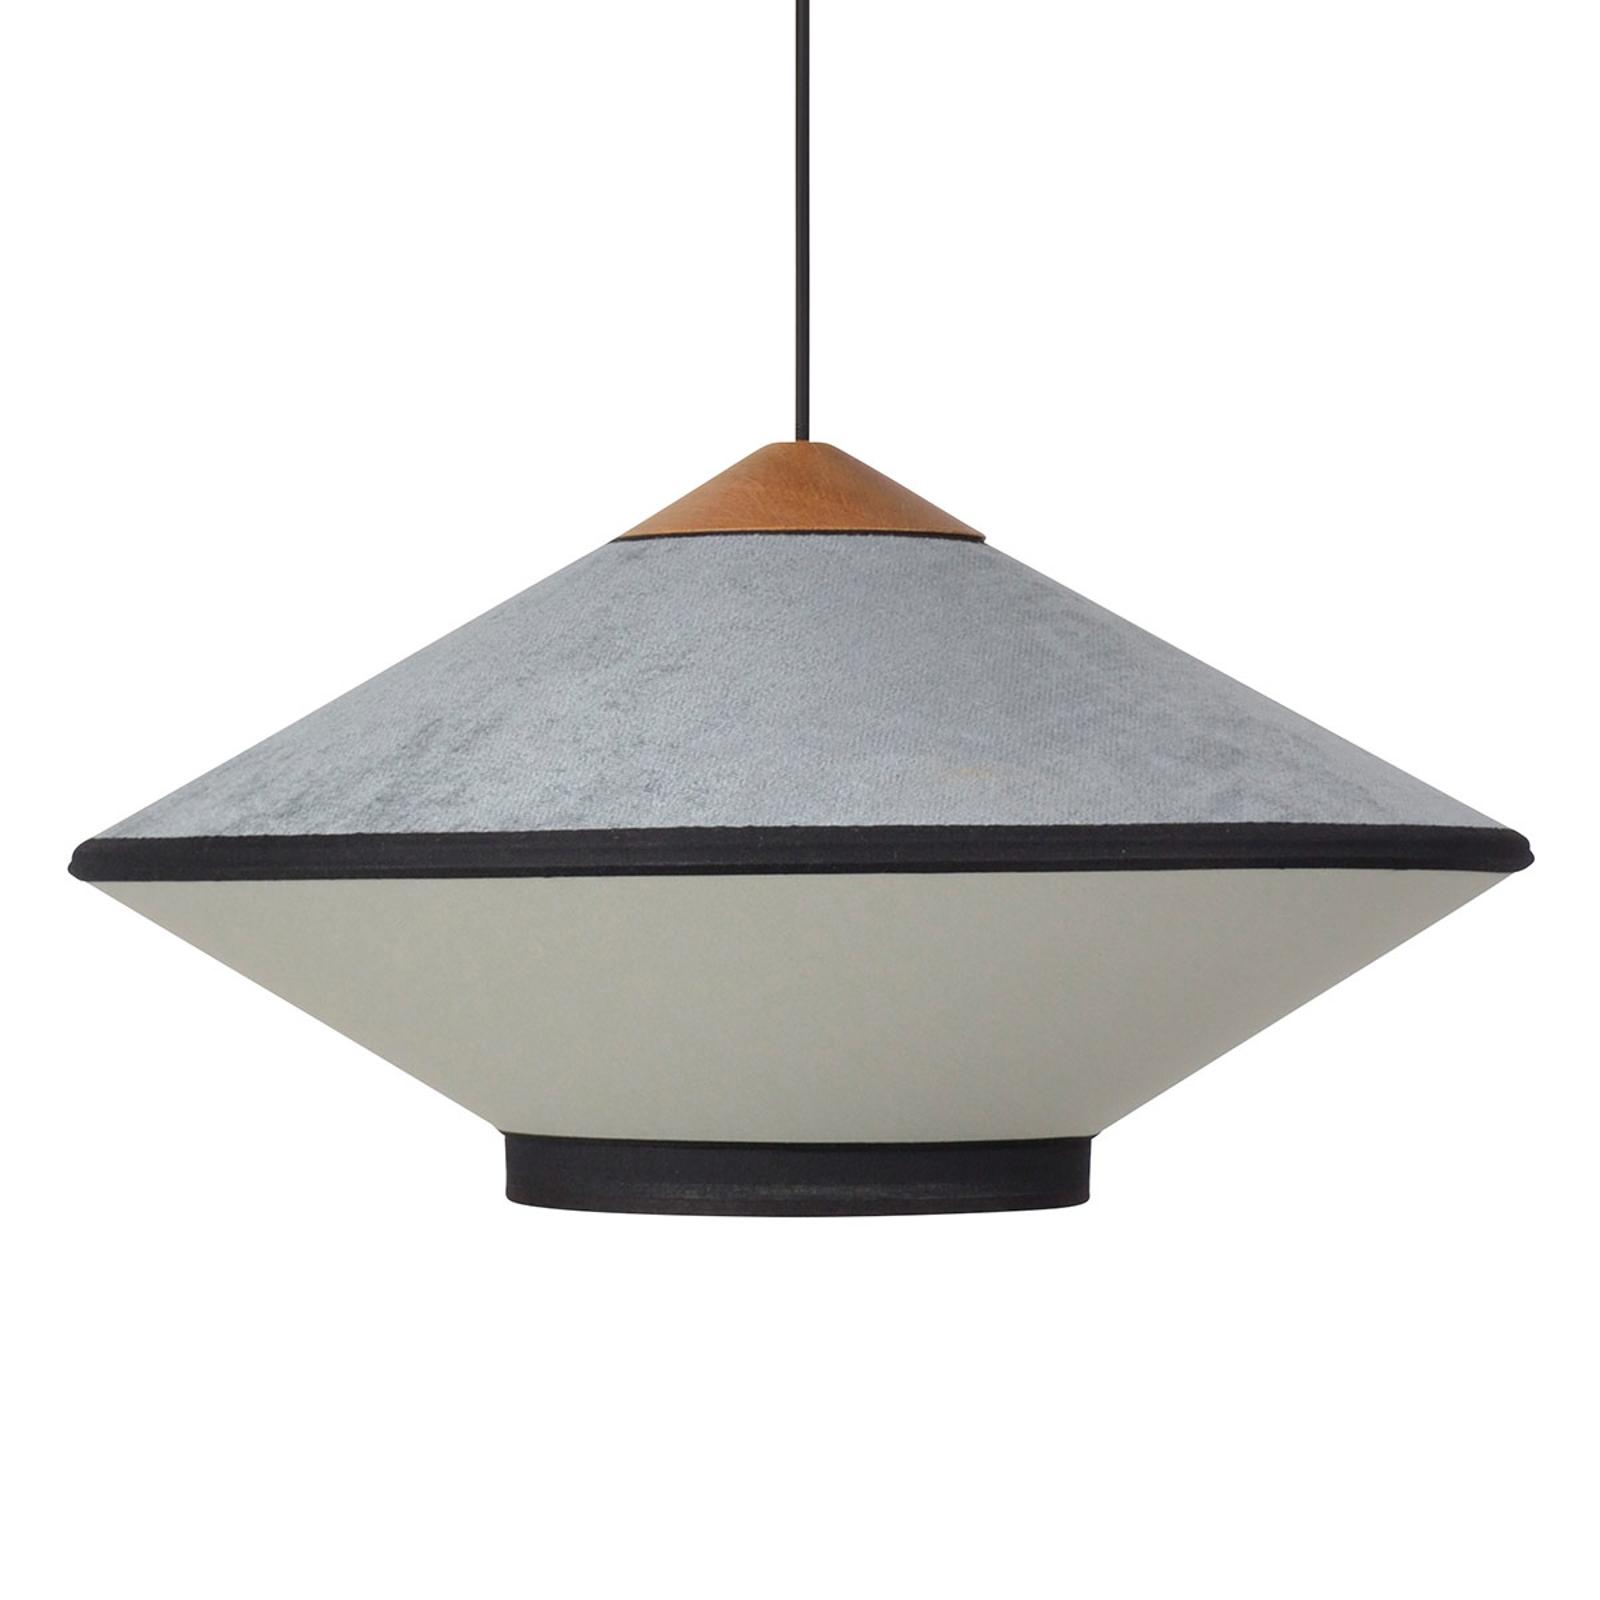 Forestier Cymbal S lampa wisząca 50cm błękitna